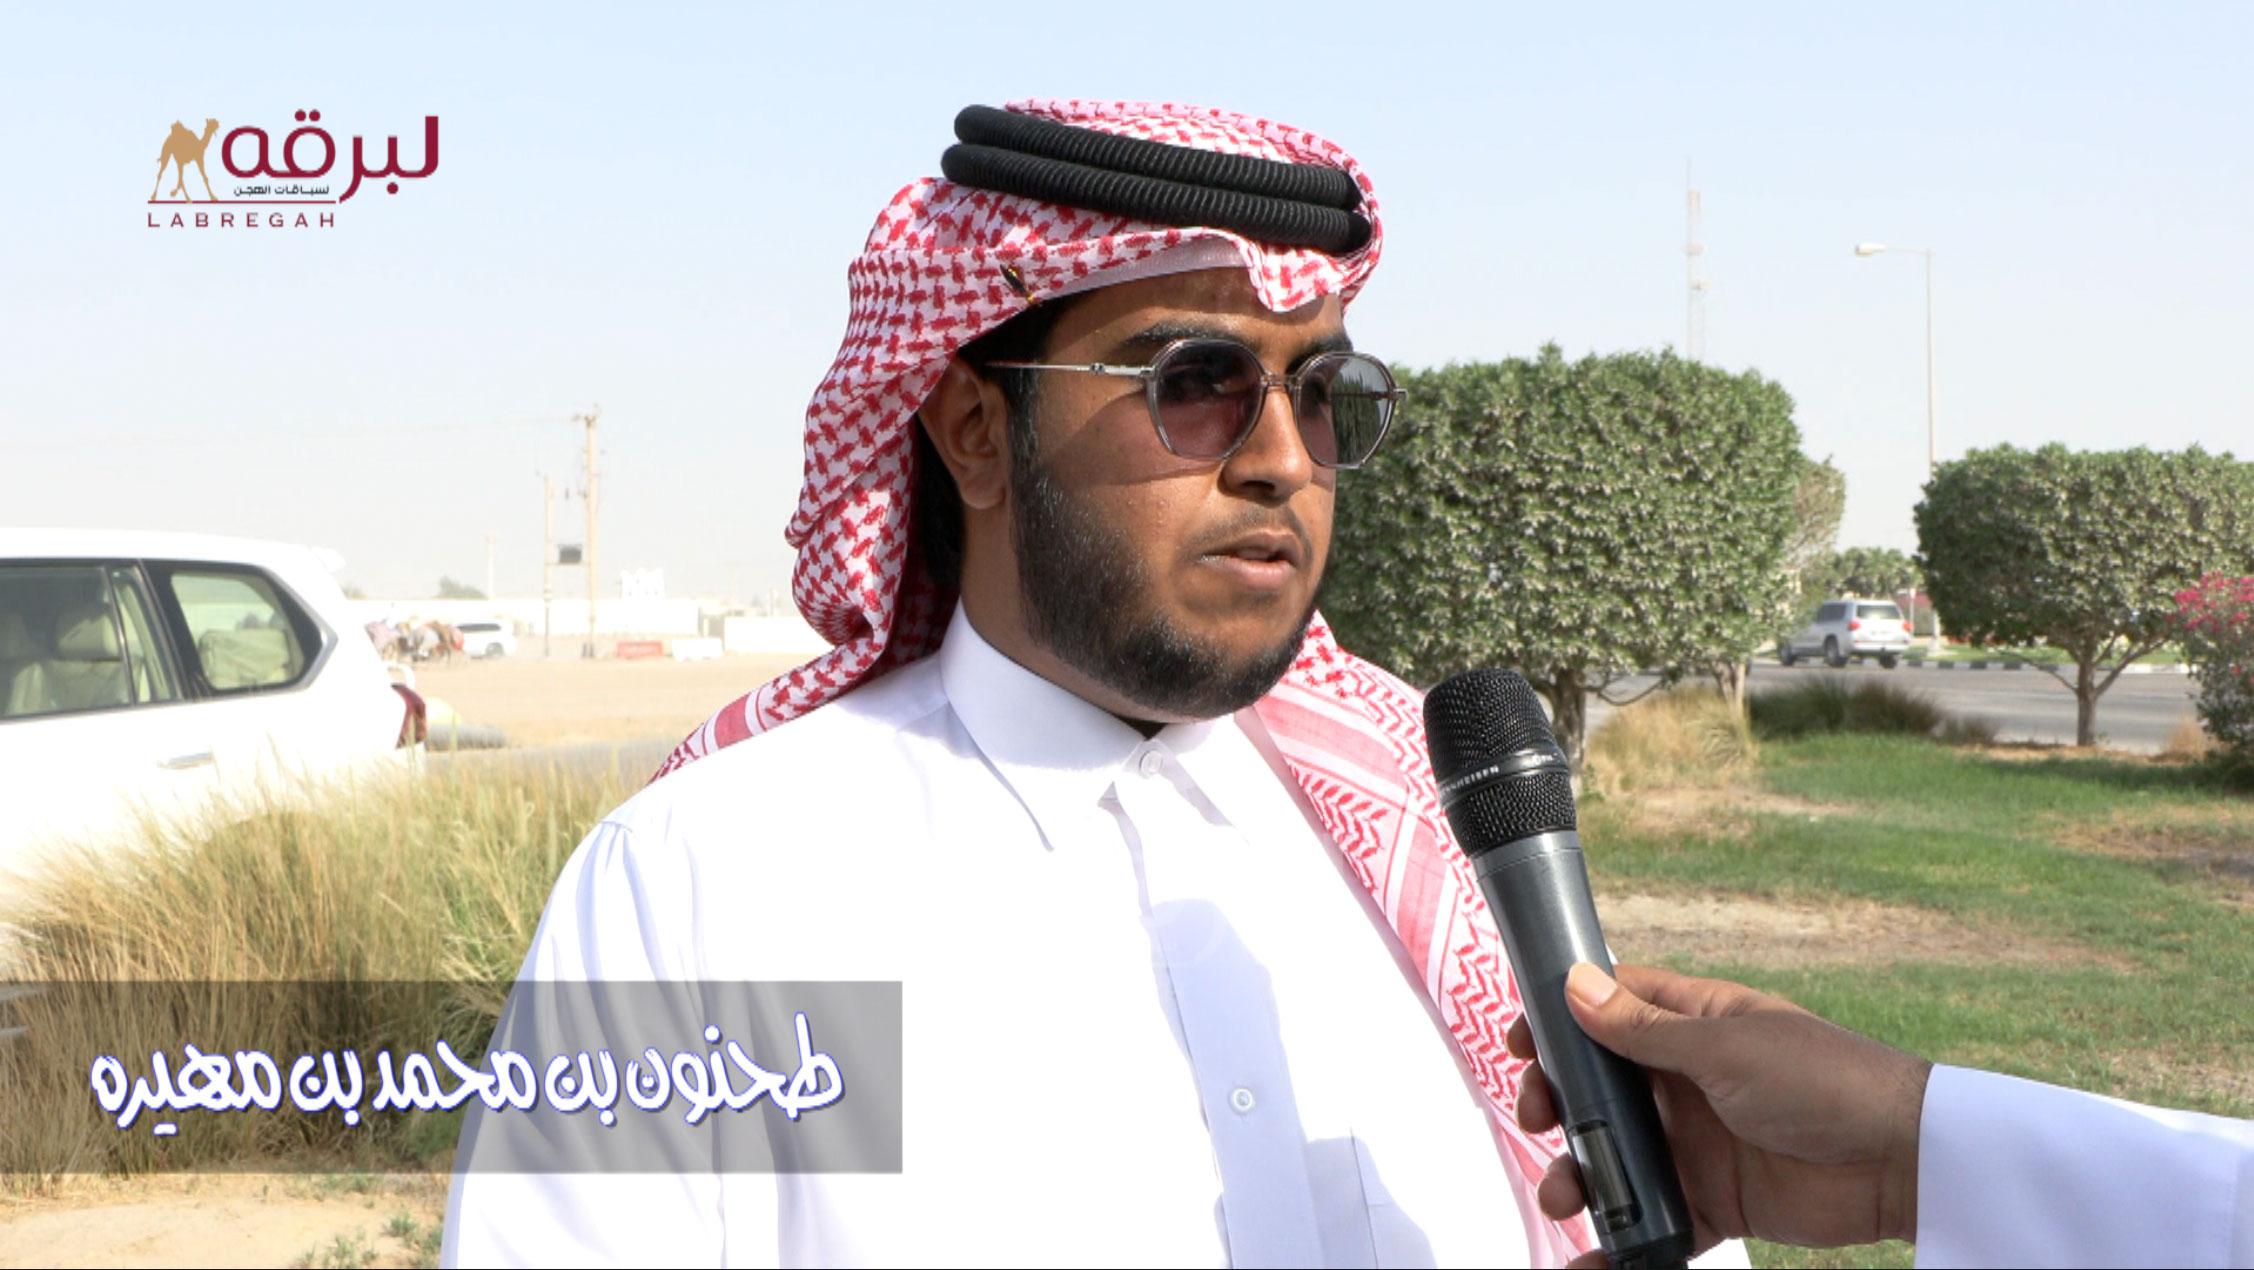 لقاء مع طحنون بن محمد بن مهيره.. الشوط الرئيسي للثنايا قعدان (مفتوح) ميدان الشحانية ١٠-٩-٢٠٢١